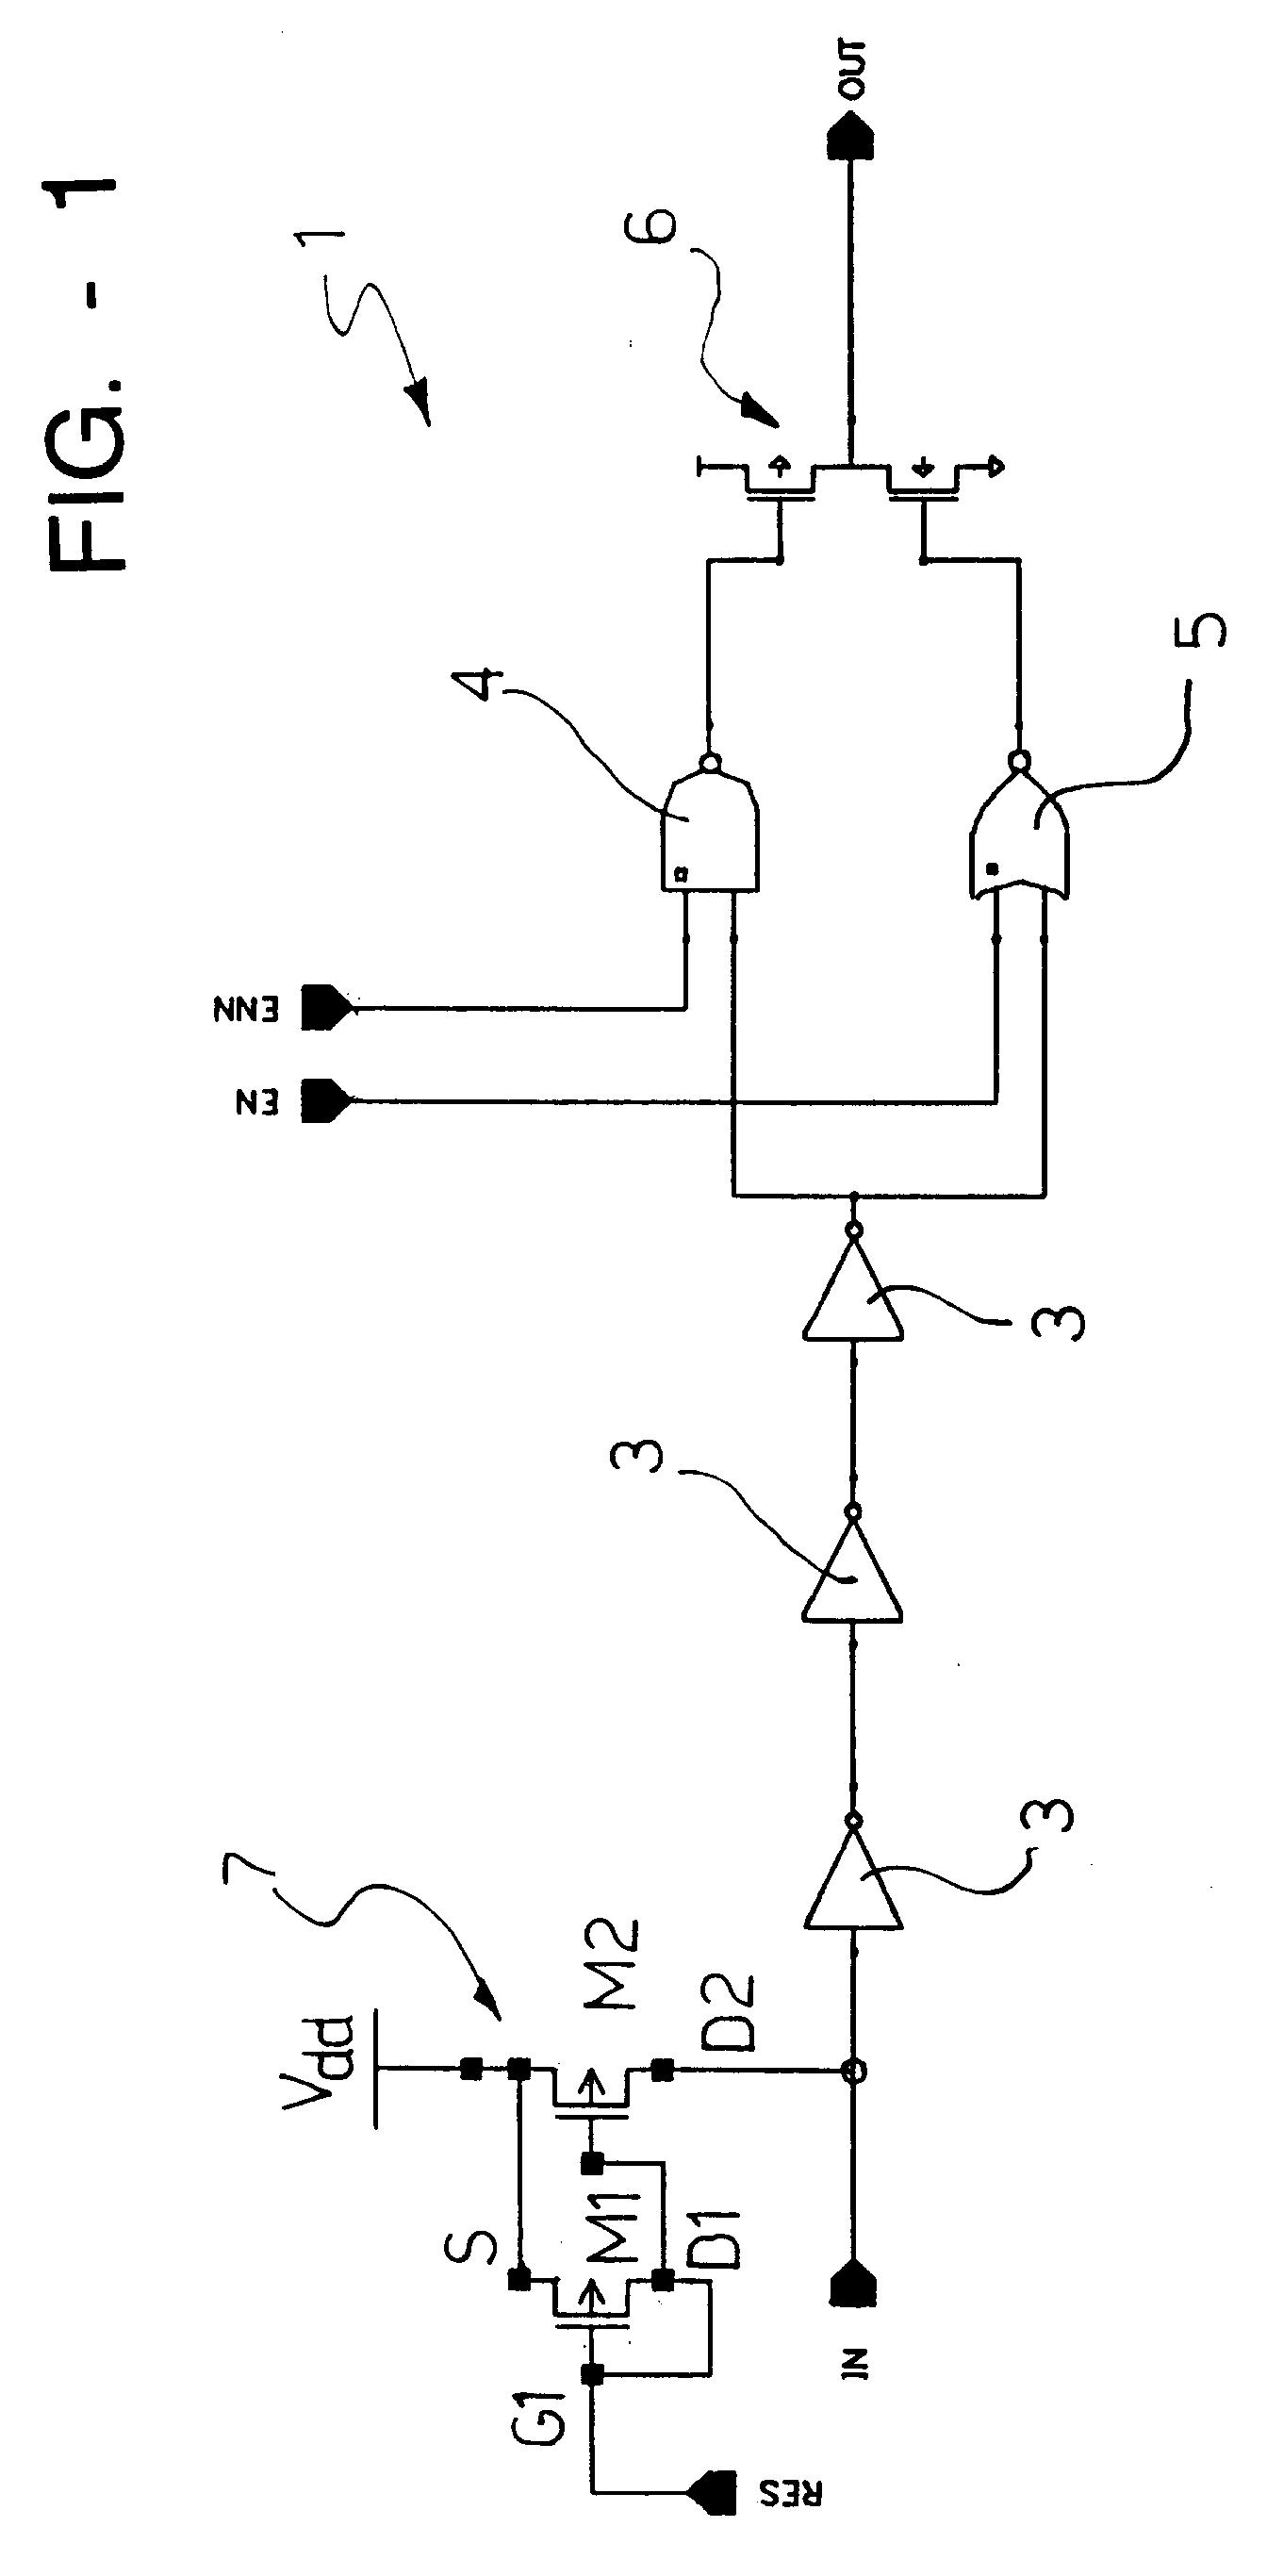 cmos logic circuit